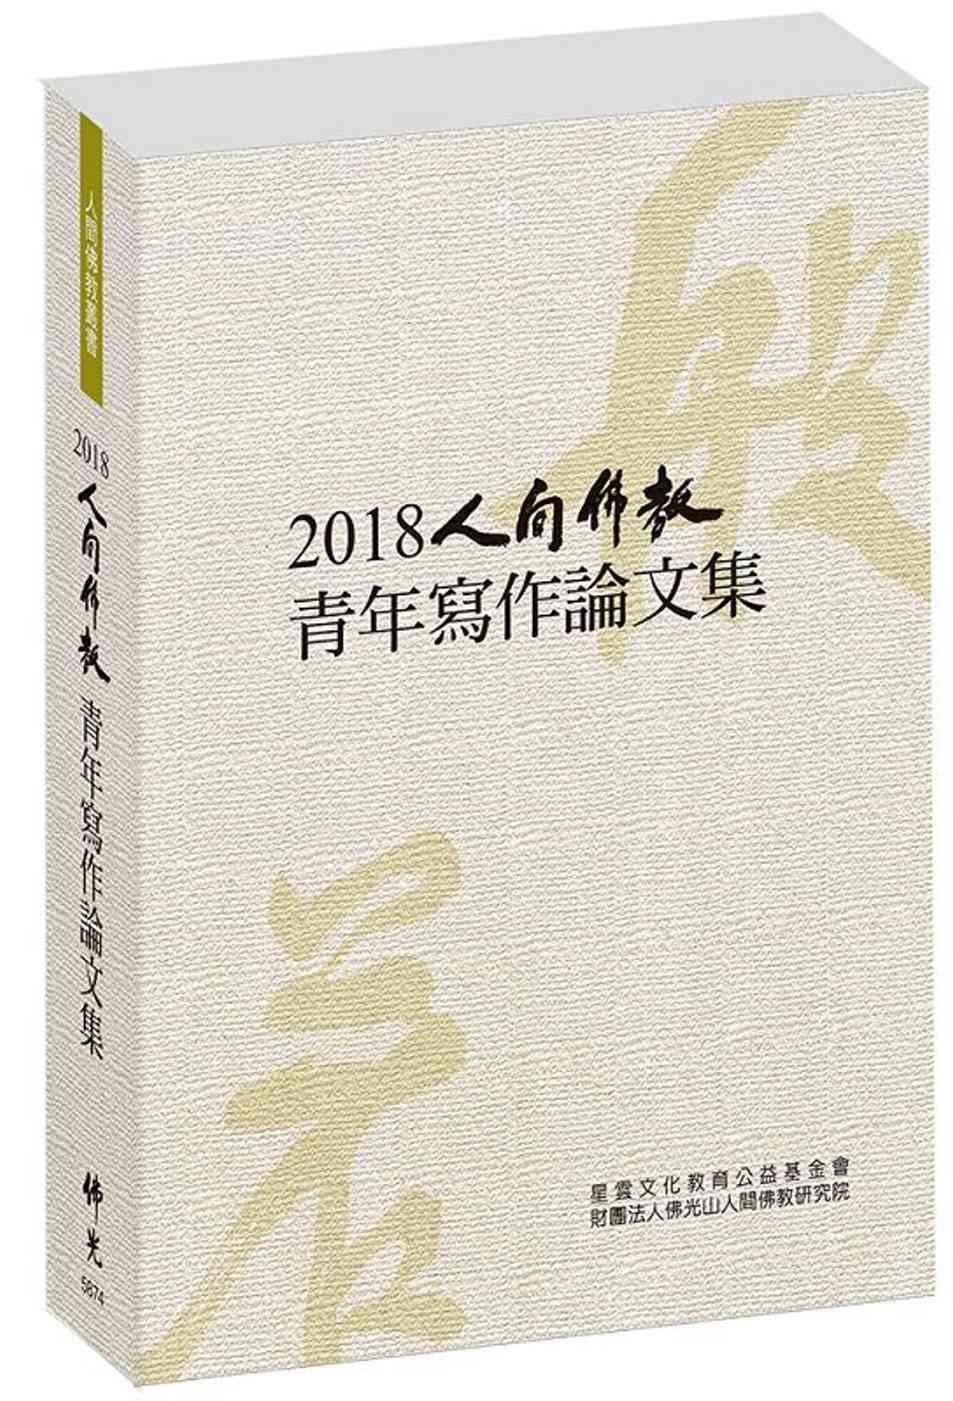 2018人間佛教青年寫作論文集